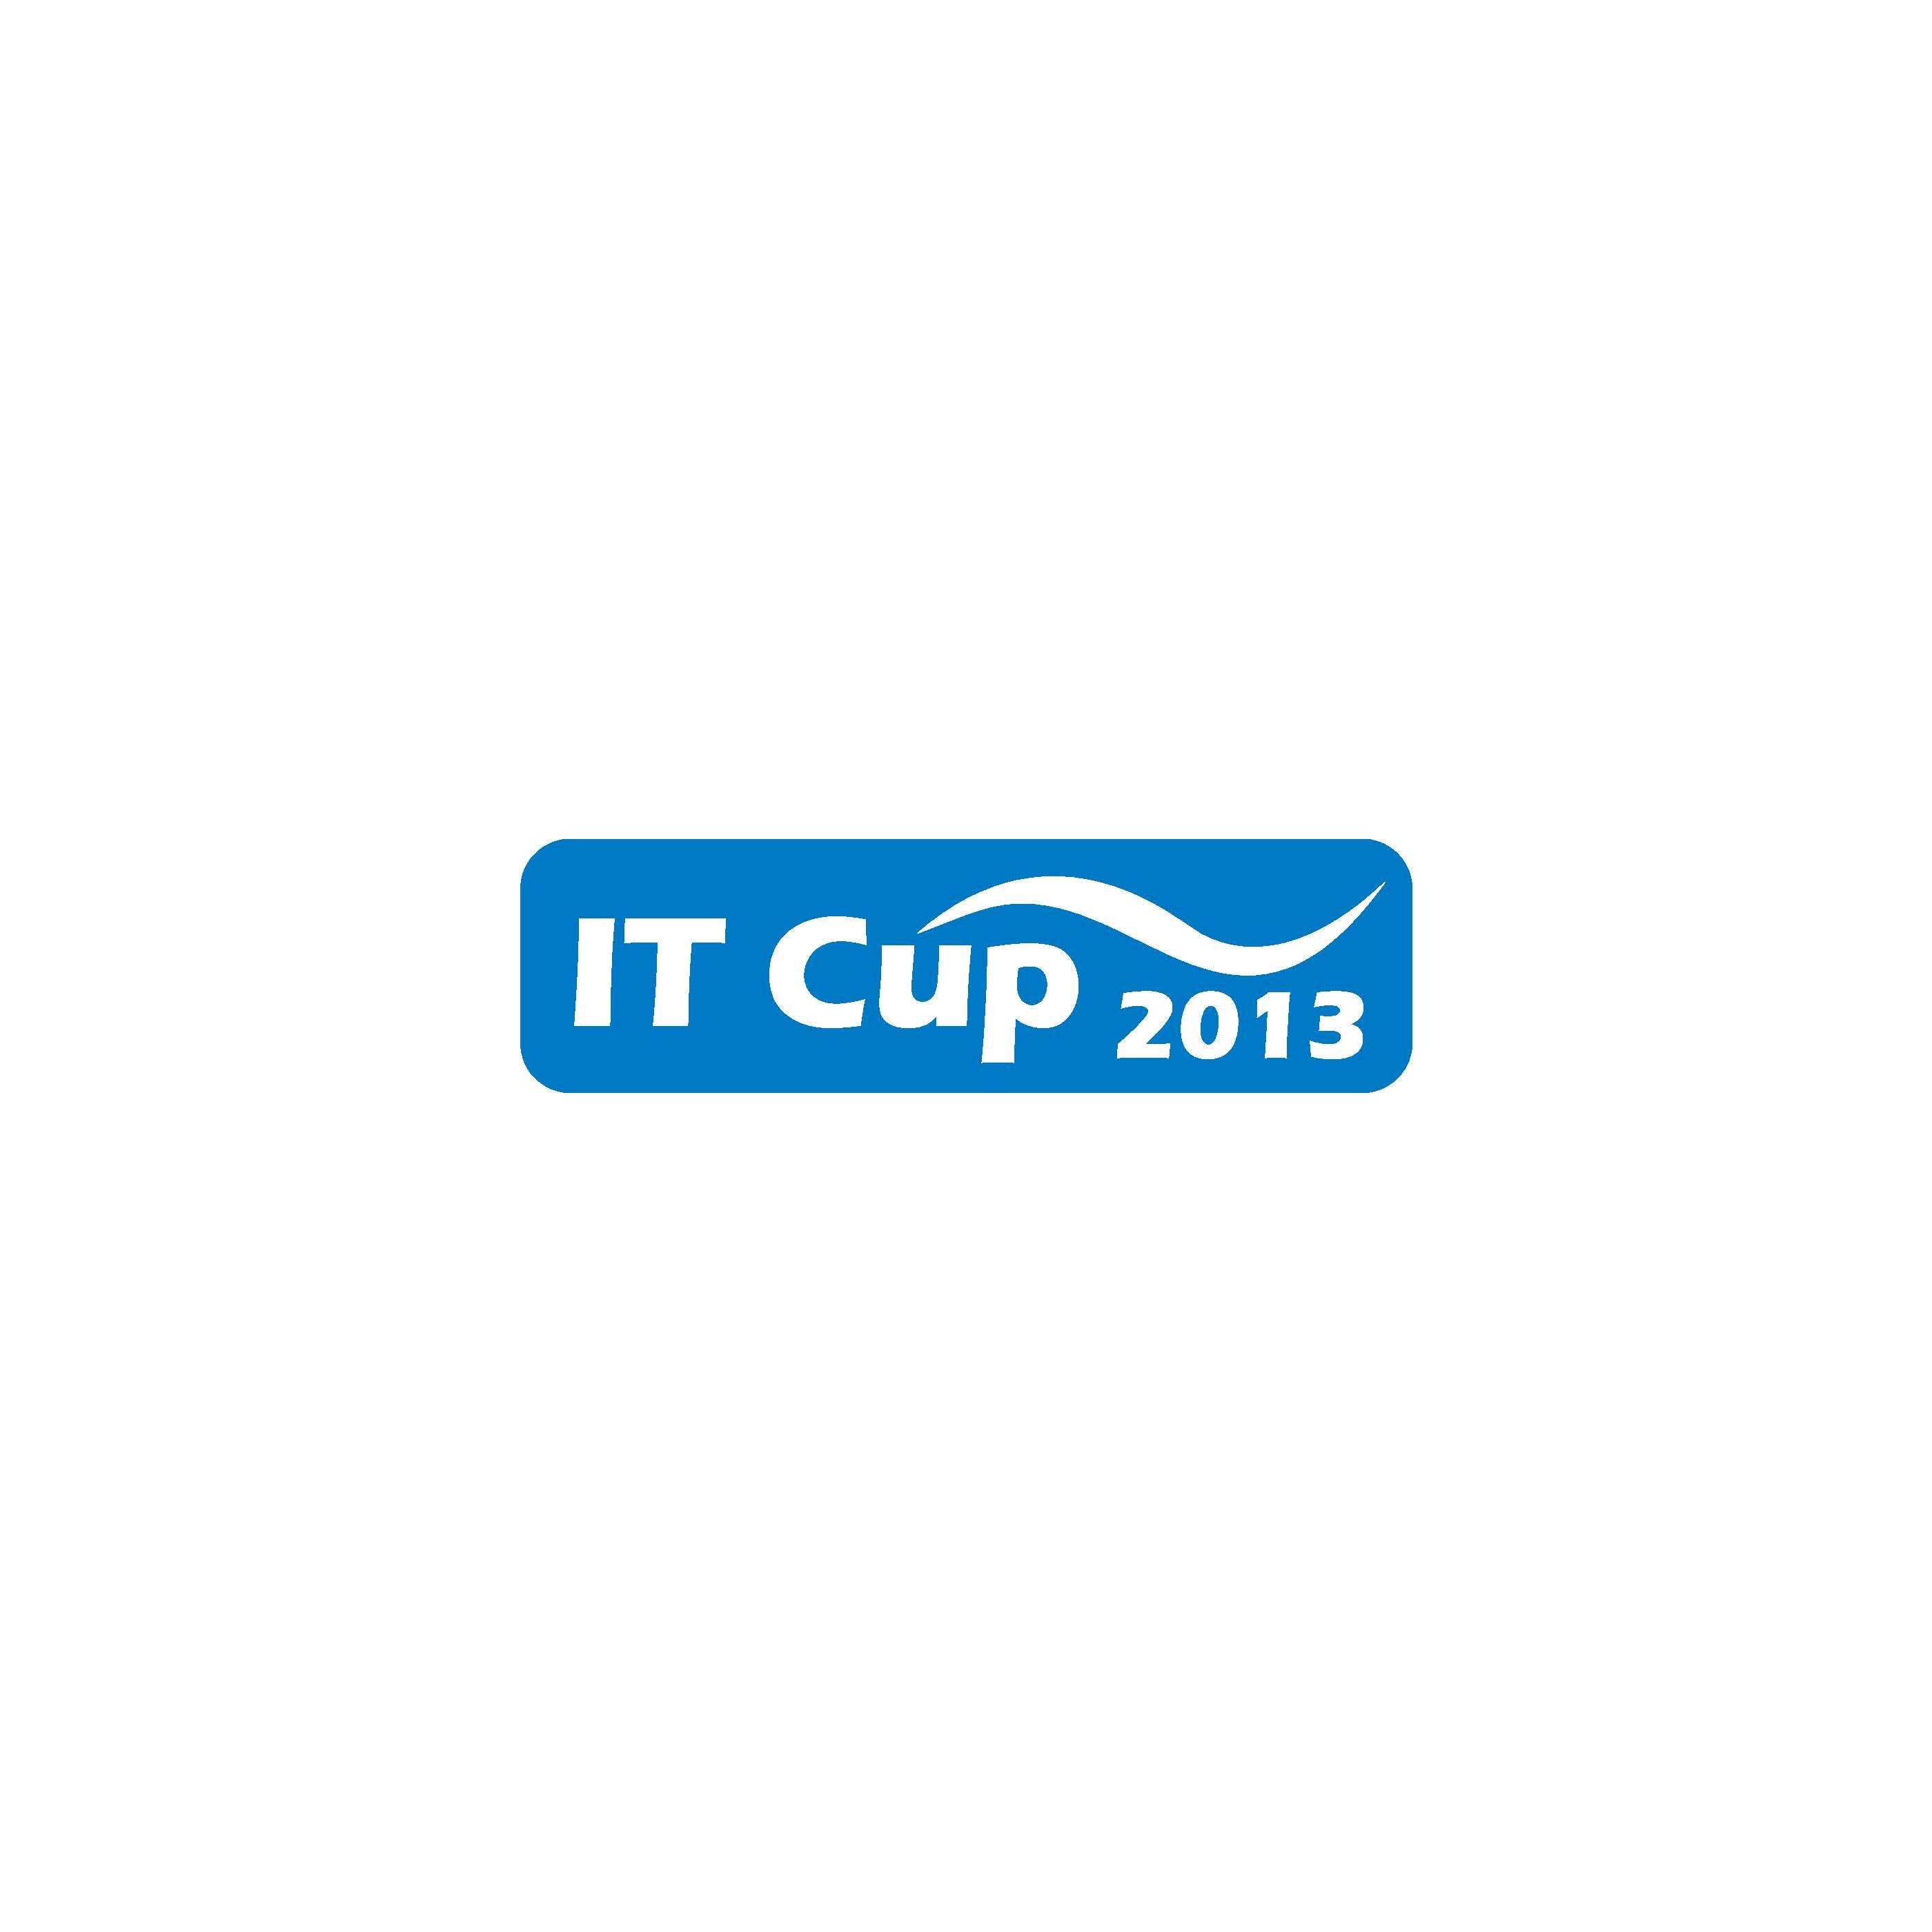 IT Cup 2013: branża IT rusza nad wodę